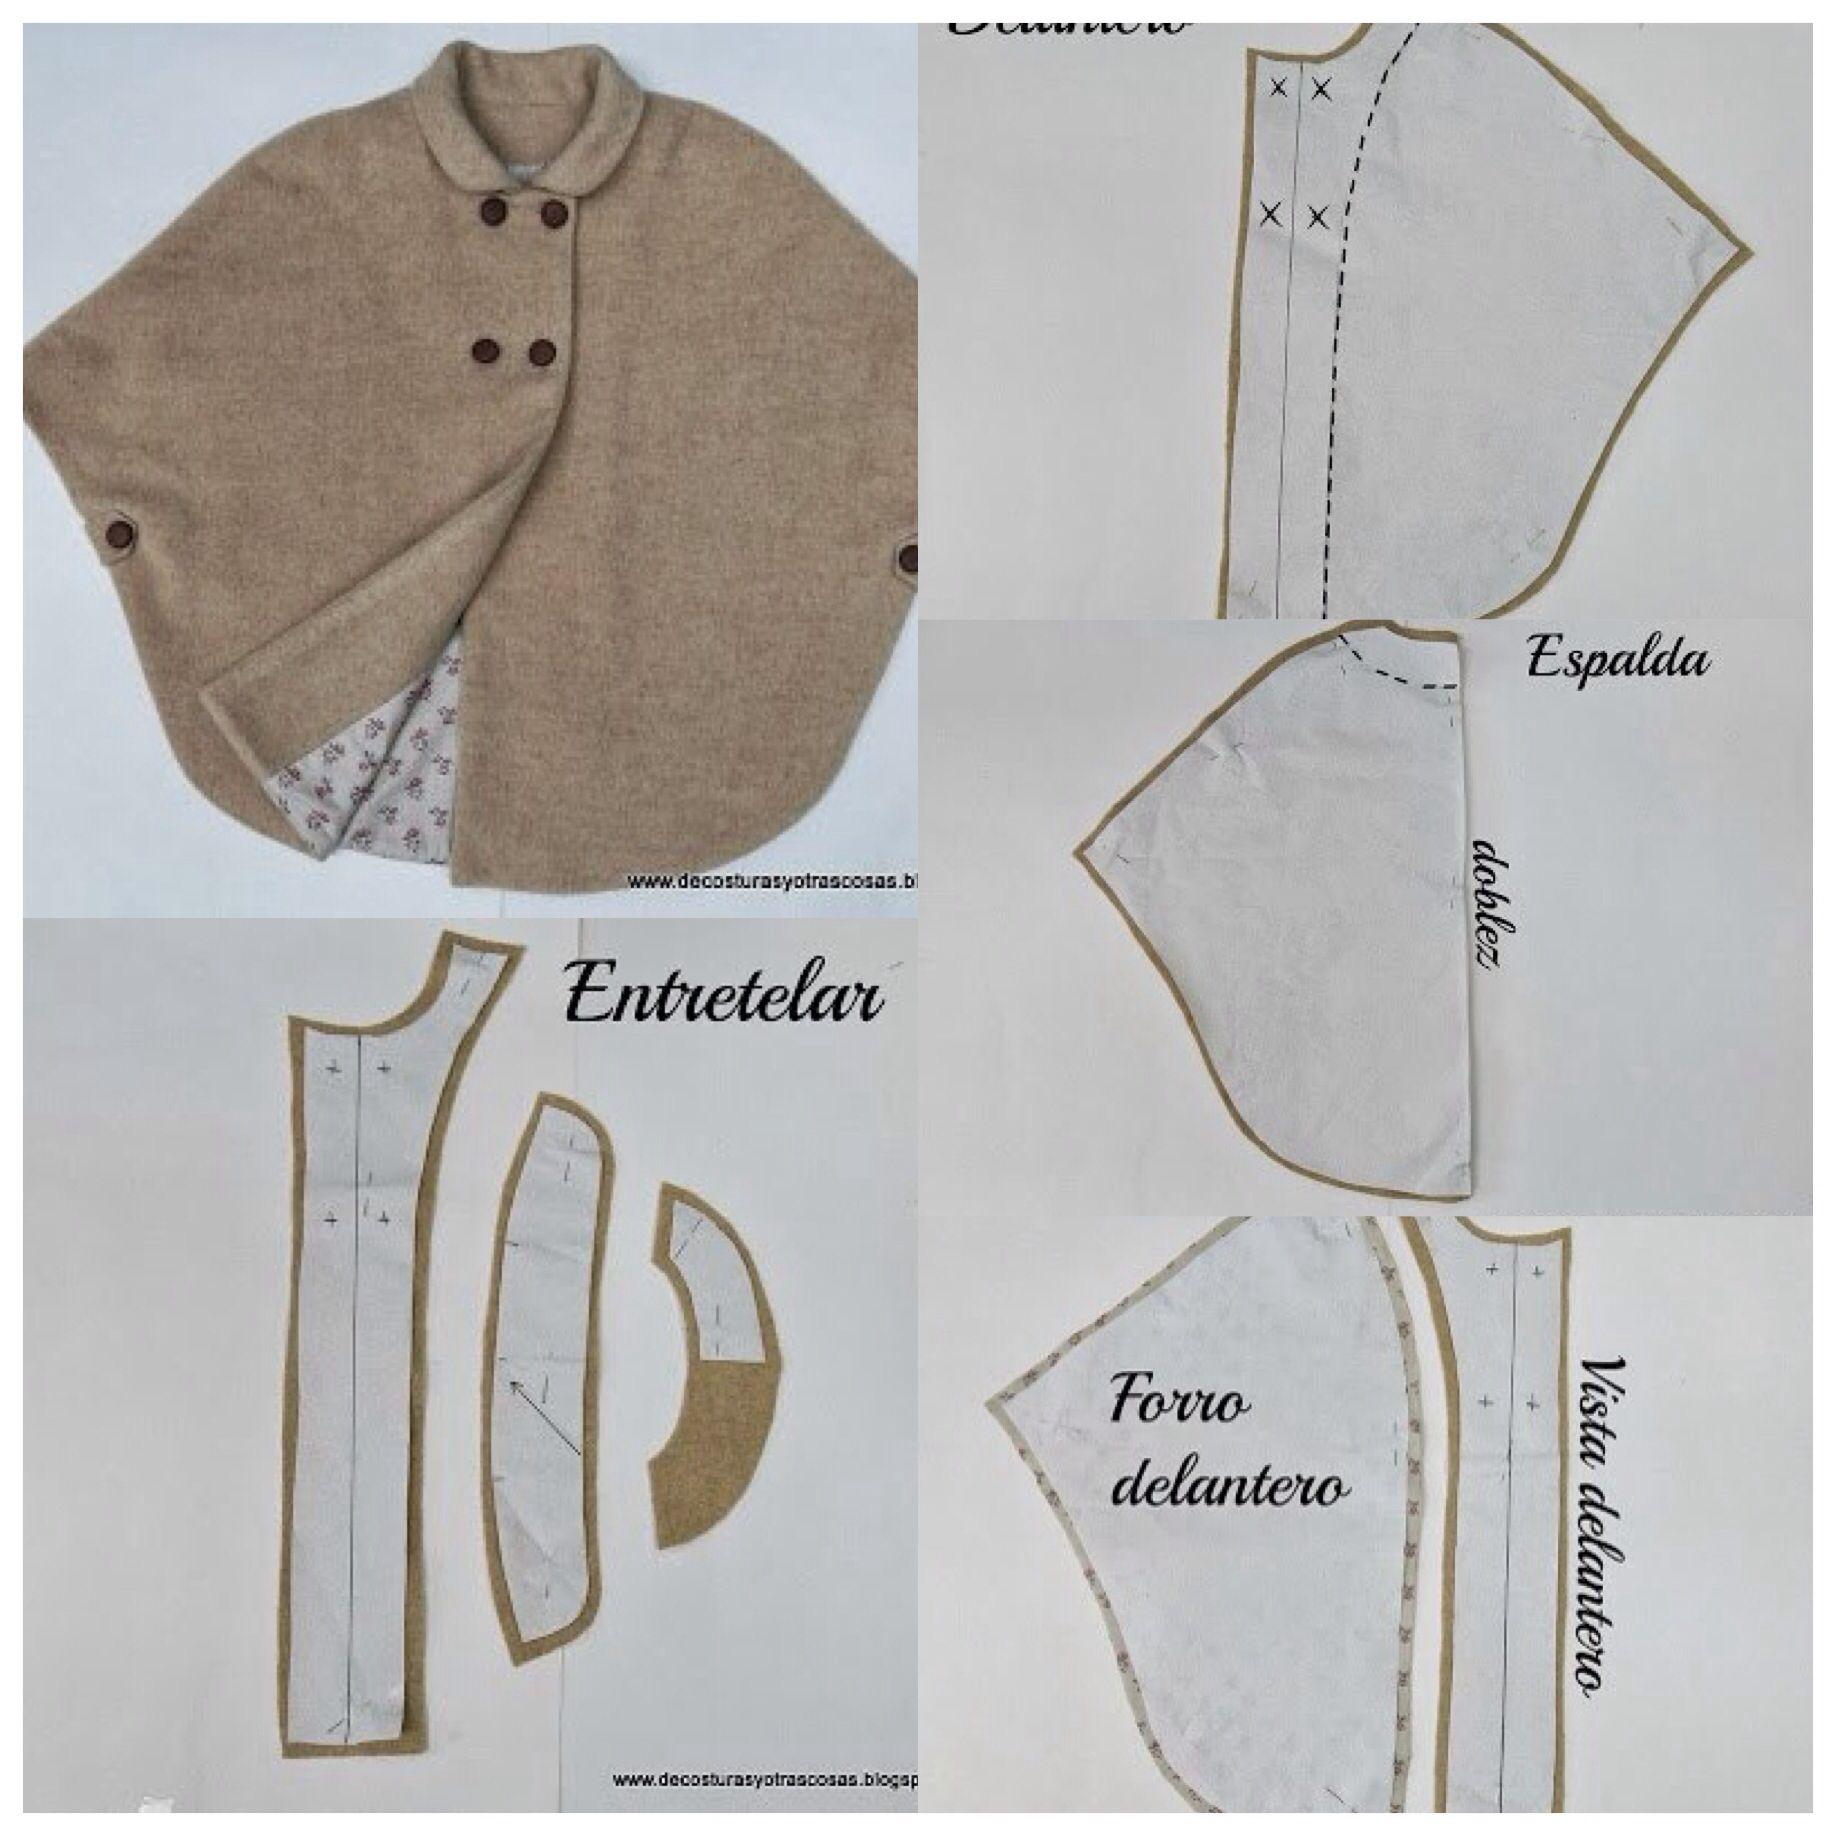 Moldes capa | Patrones | Pinterest | Costura, Patrones y Moldes